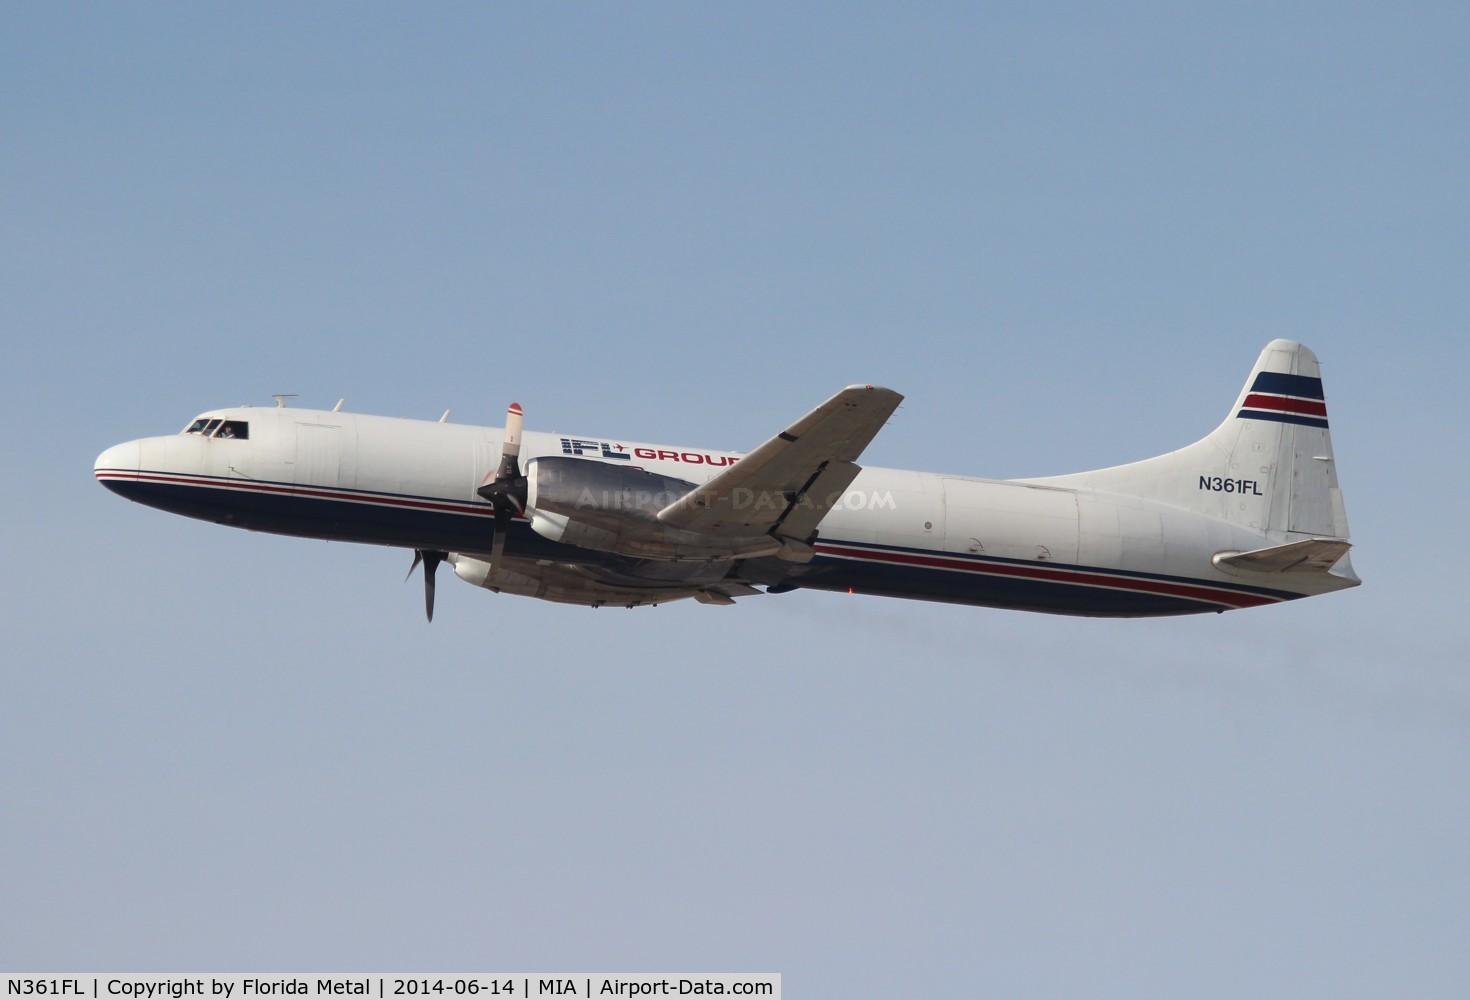 N361FL, 1956 Convair 5800 Metropolitan C/N 343, Convair 5800